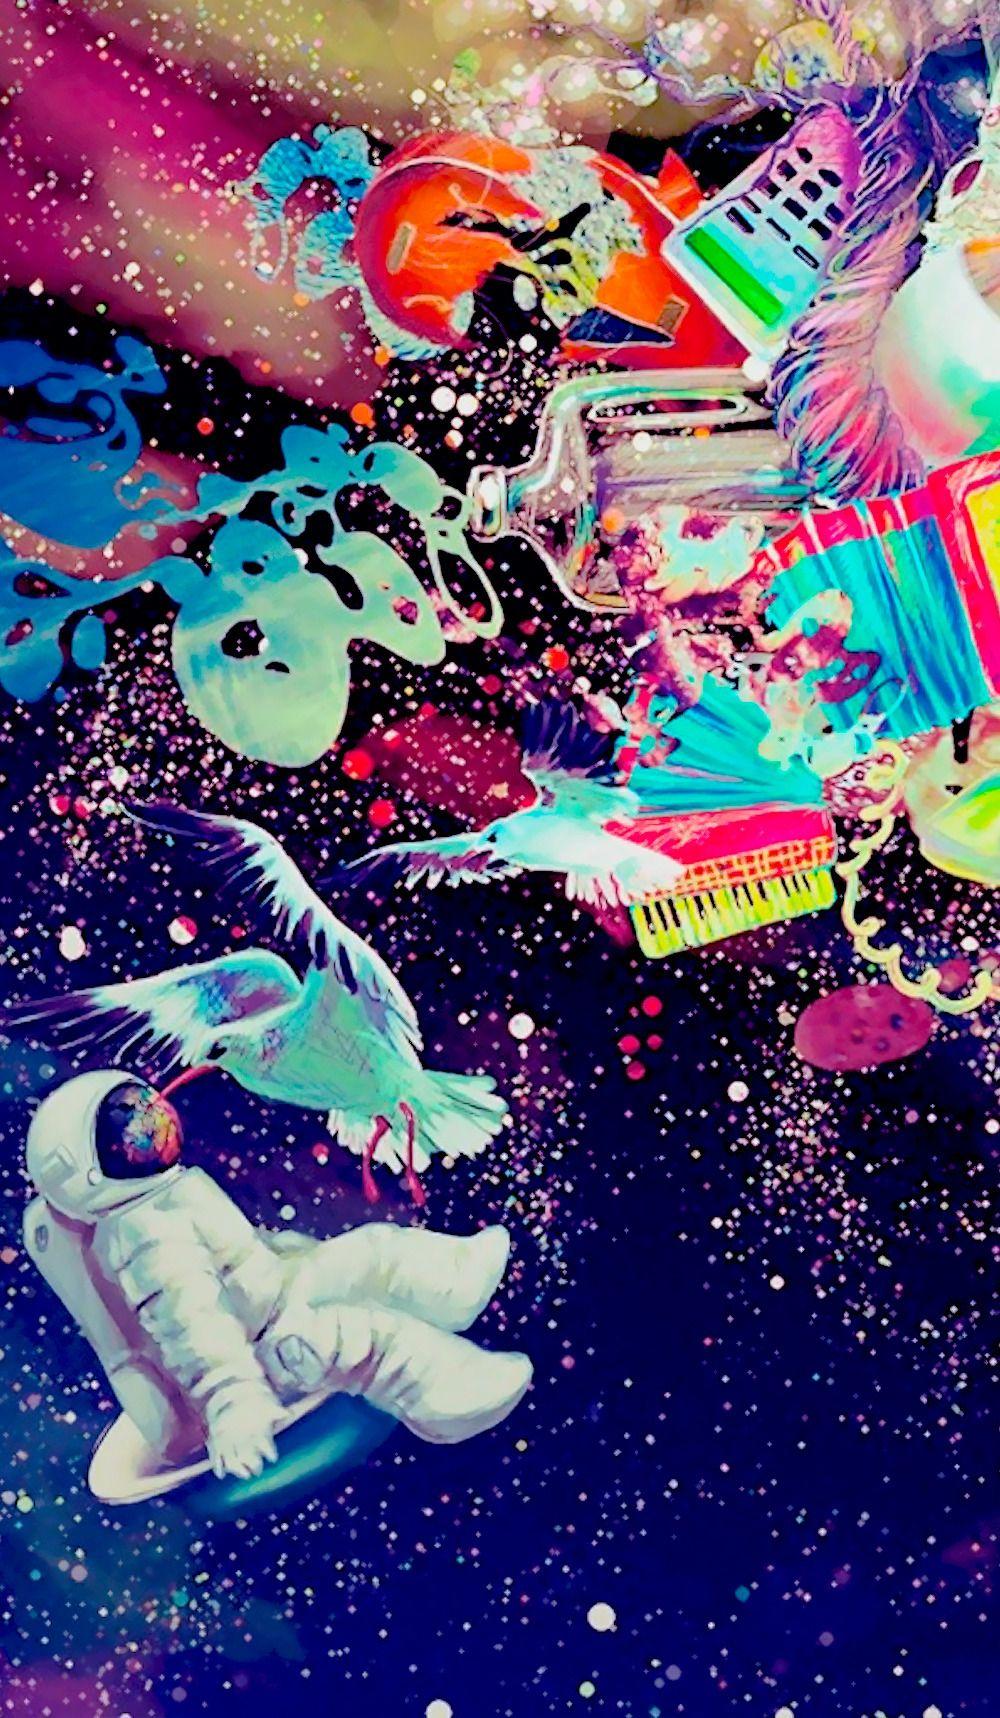 High Astronaut Wallpaper 4k Phone 2316594 Hd Wallpaper Backgrounds Download